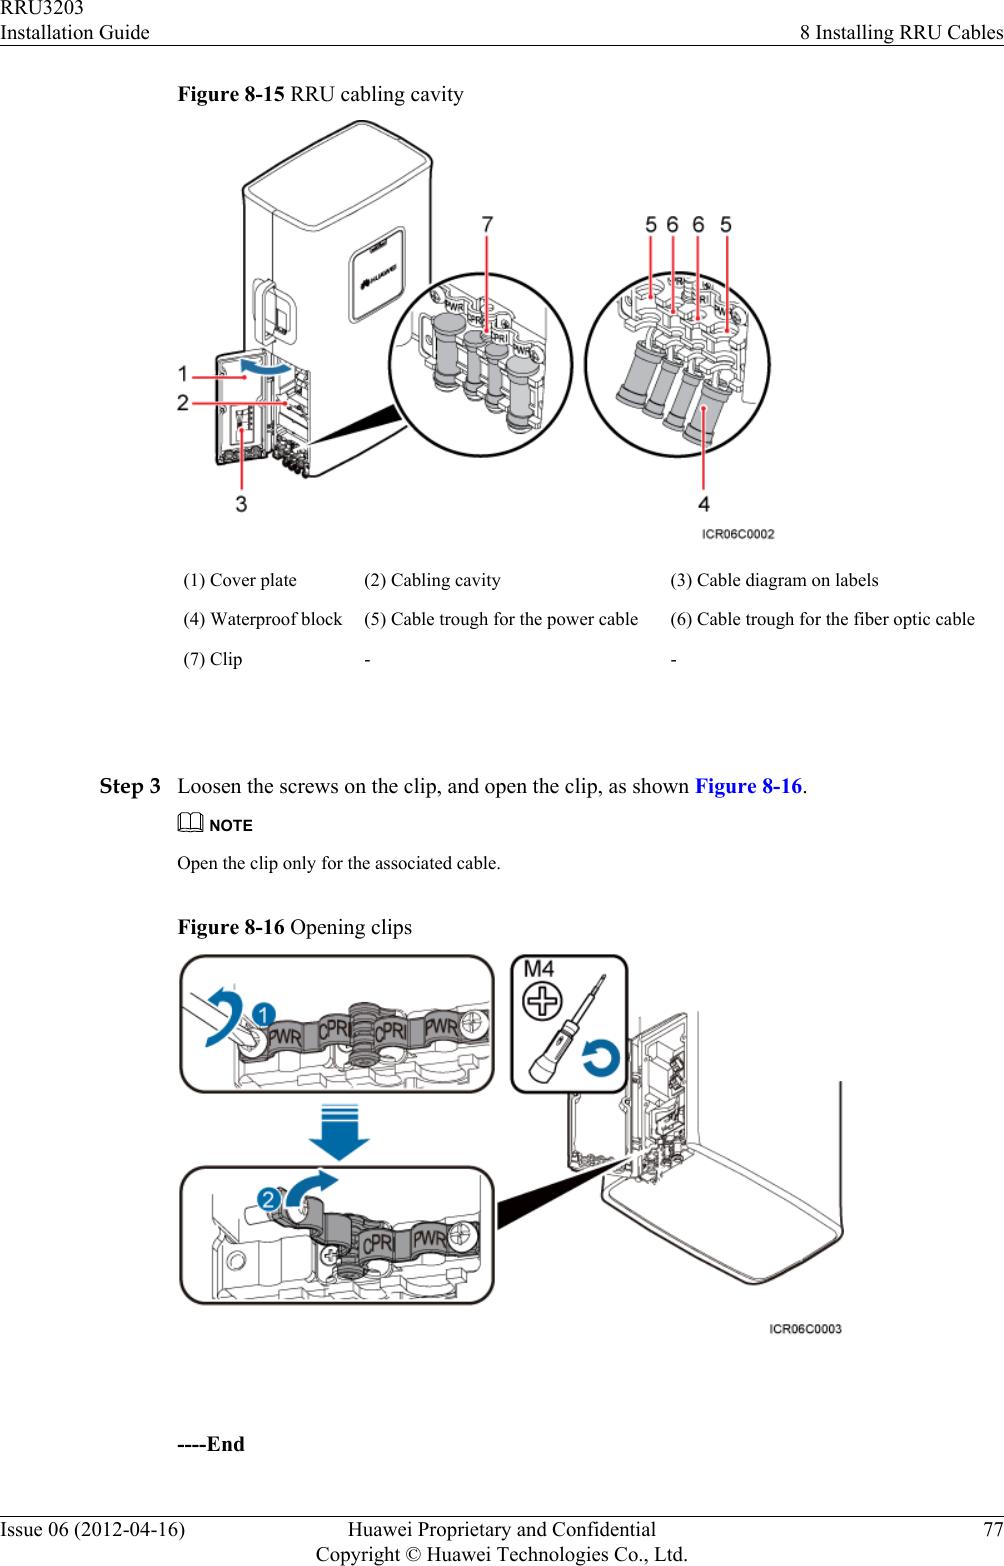 huawei technologies rru3203